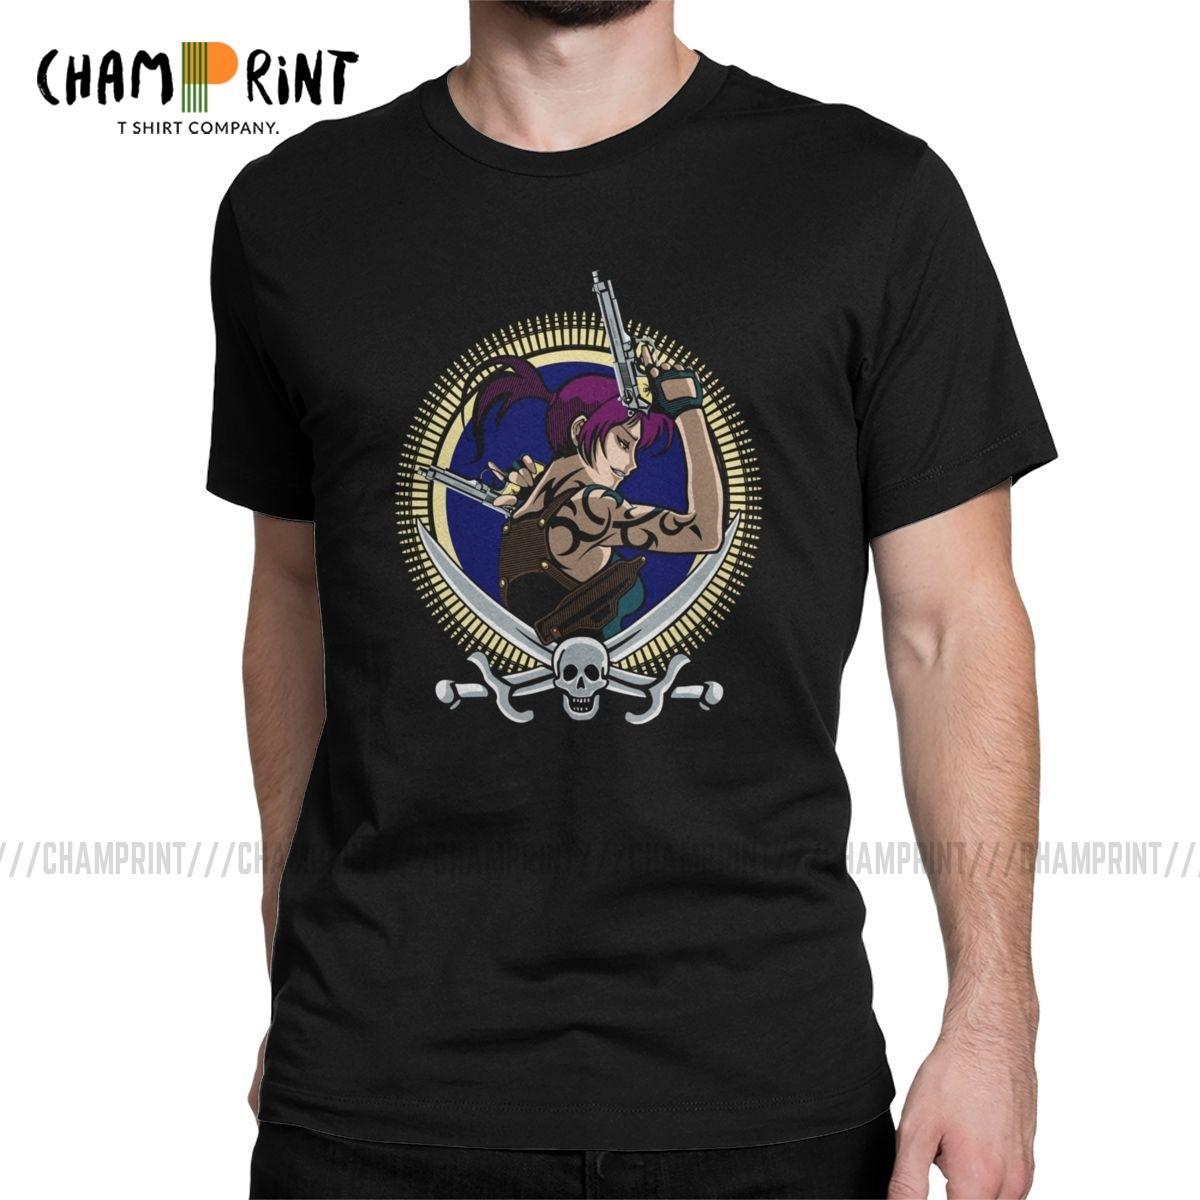 Les hommes à deux mains T-shirts en coton Black Lagoon Revy Anime pur Vêtements vintage à manches courtes T-shirt ras du cou Big Size T-shirt